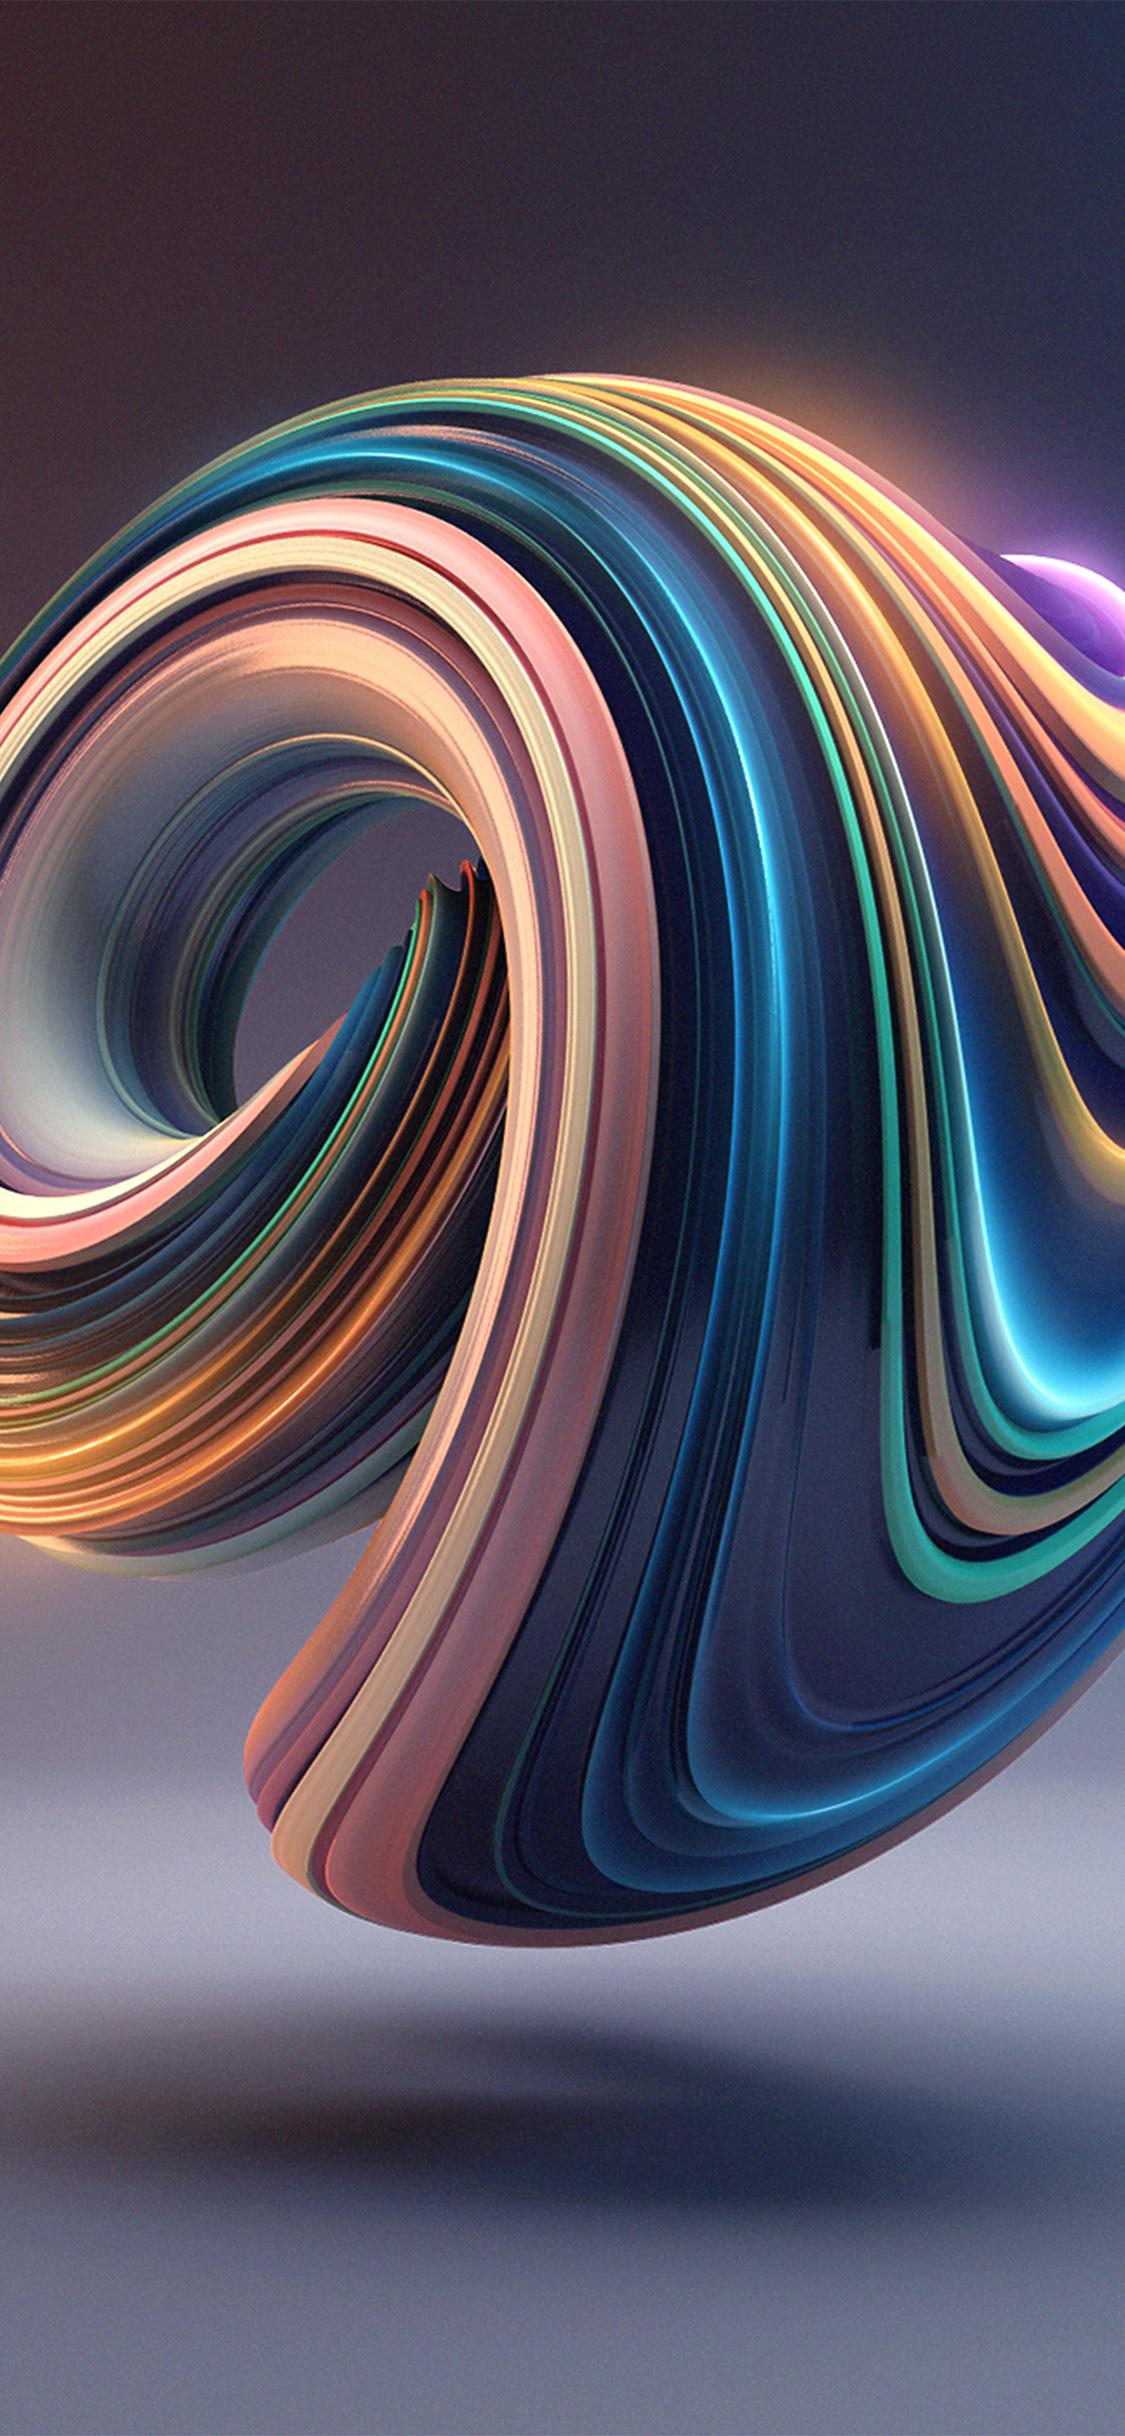 iPhoneXpapers.com  iPhone X wallpaper  bb01-digital-art-color